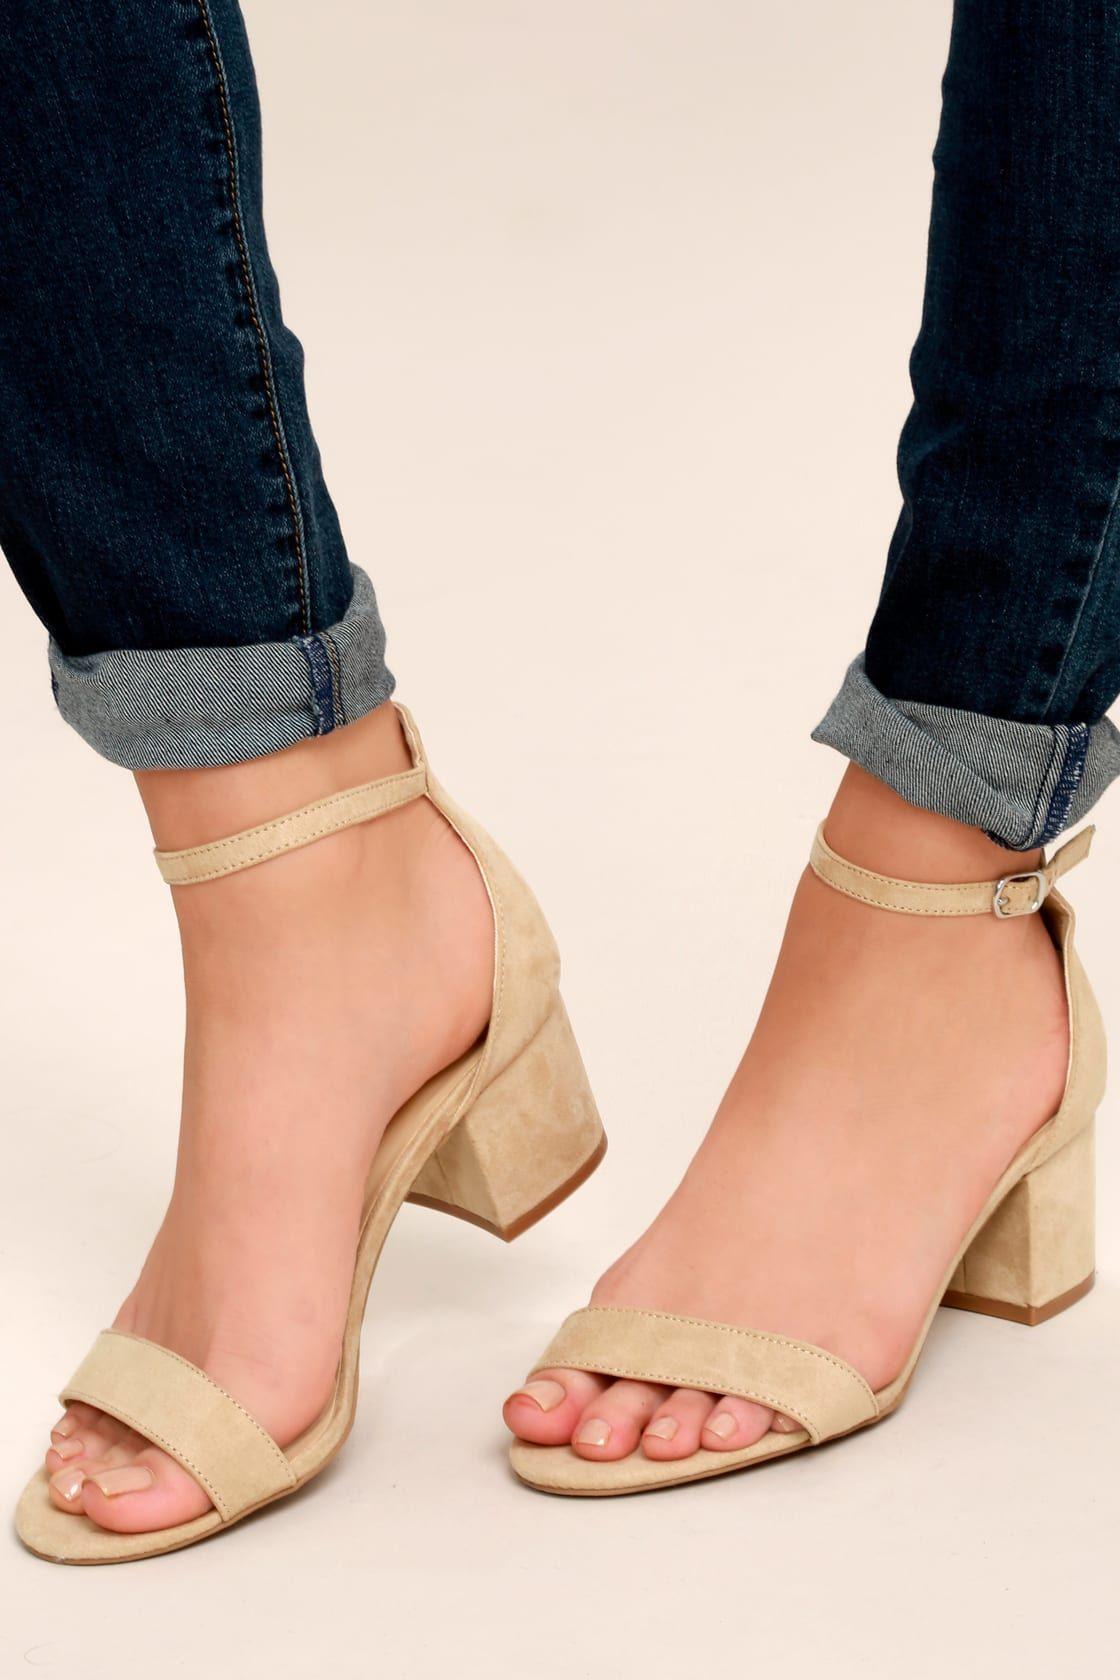 Harper Natural Suede Ankle Strap Heels   Ankle strap heels